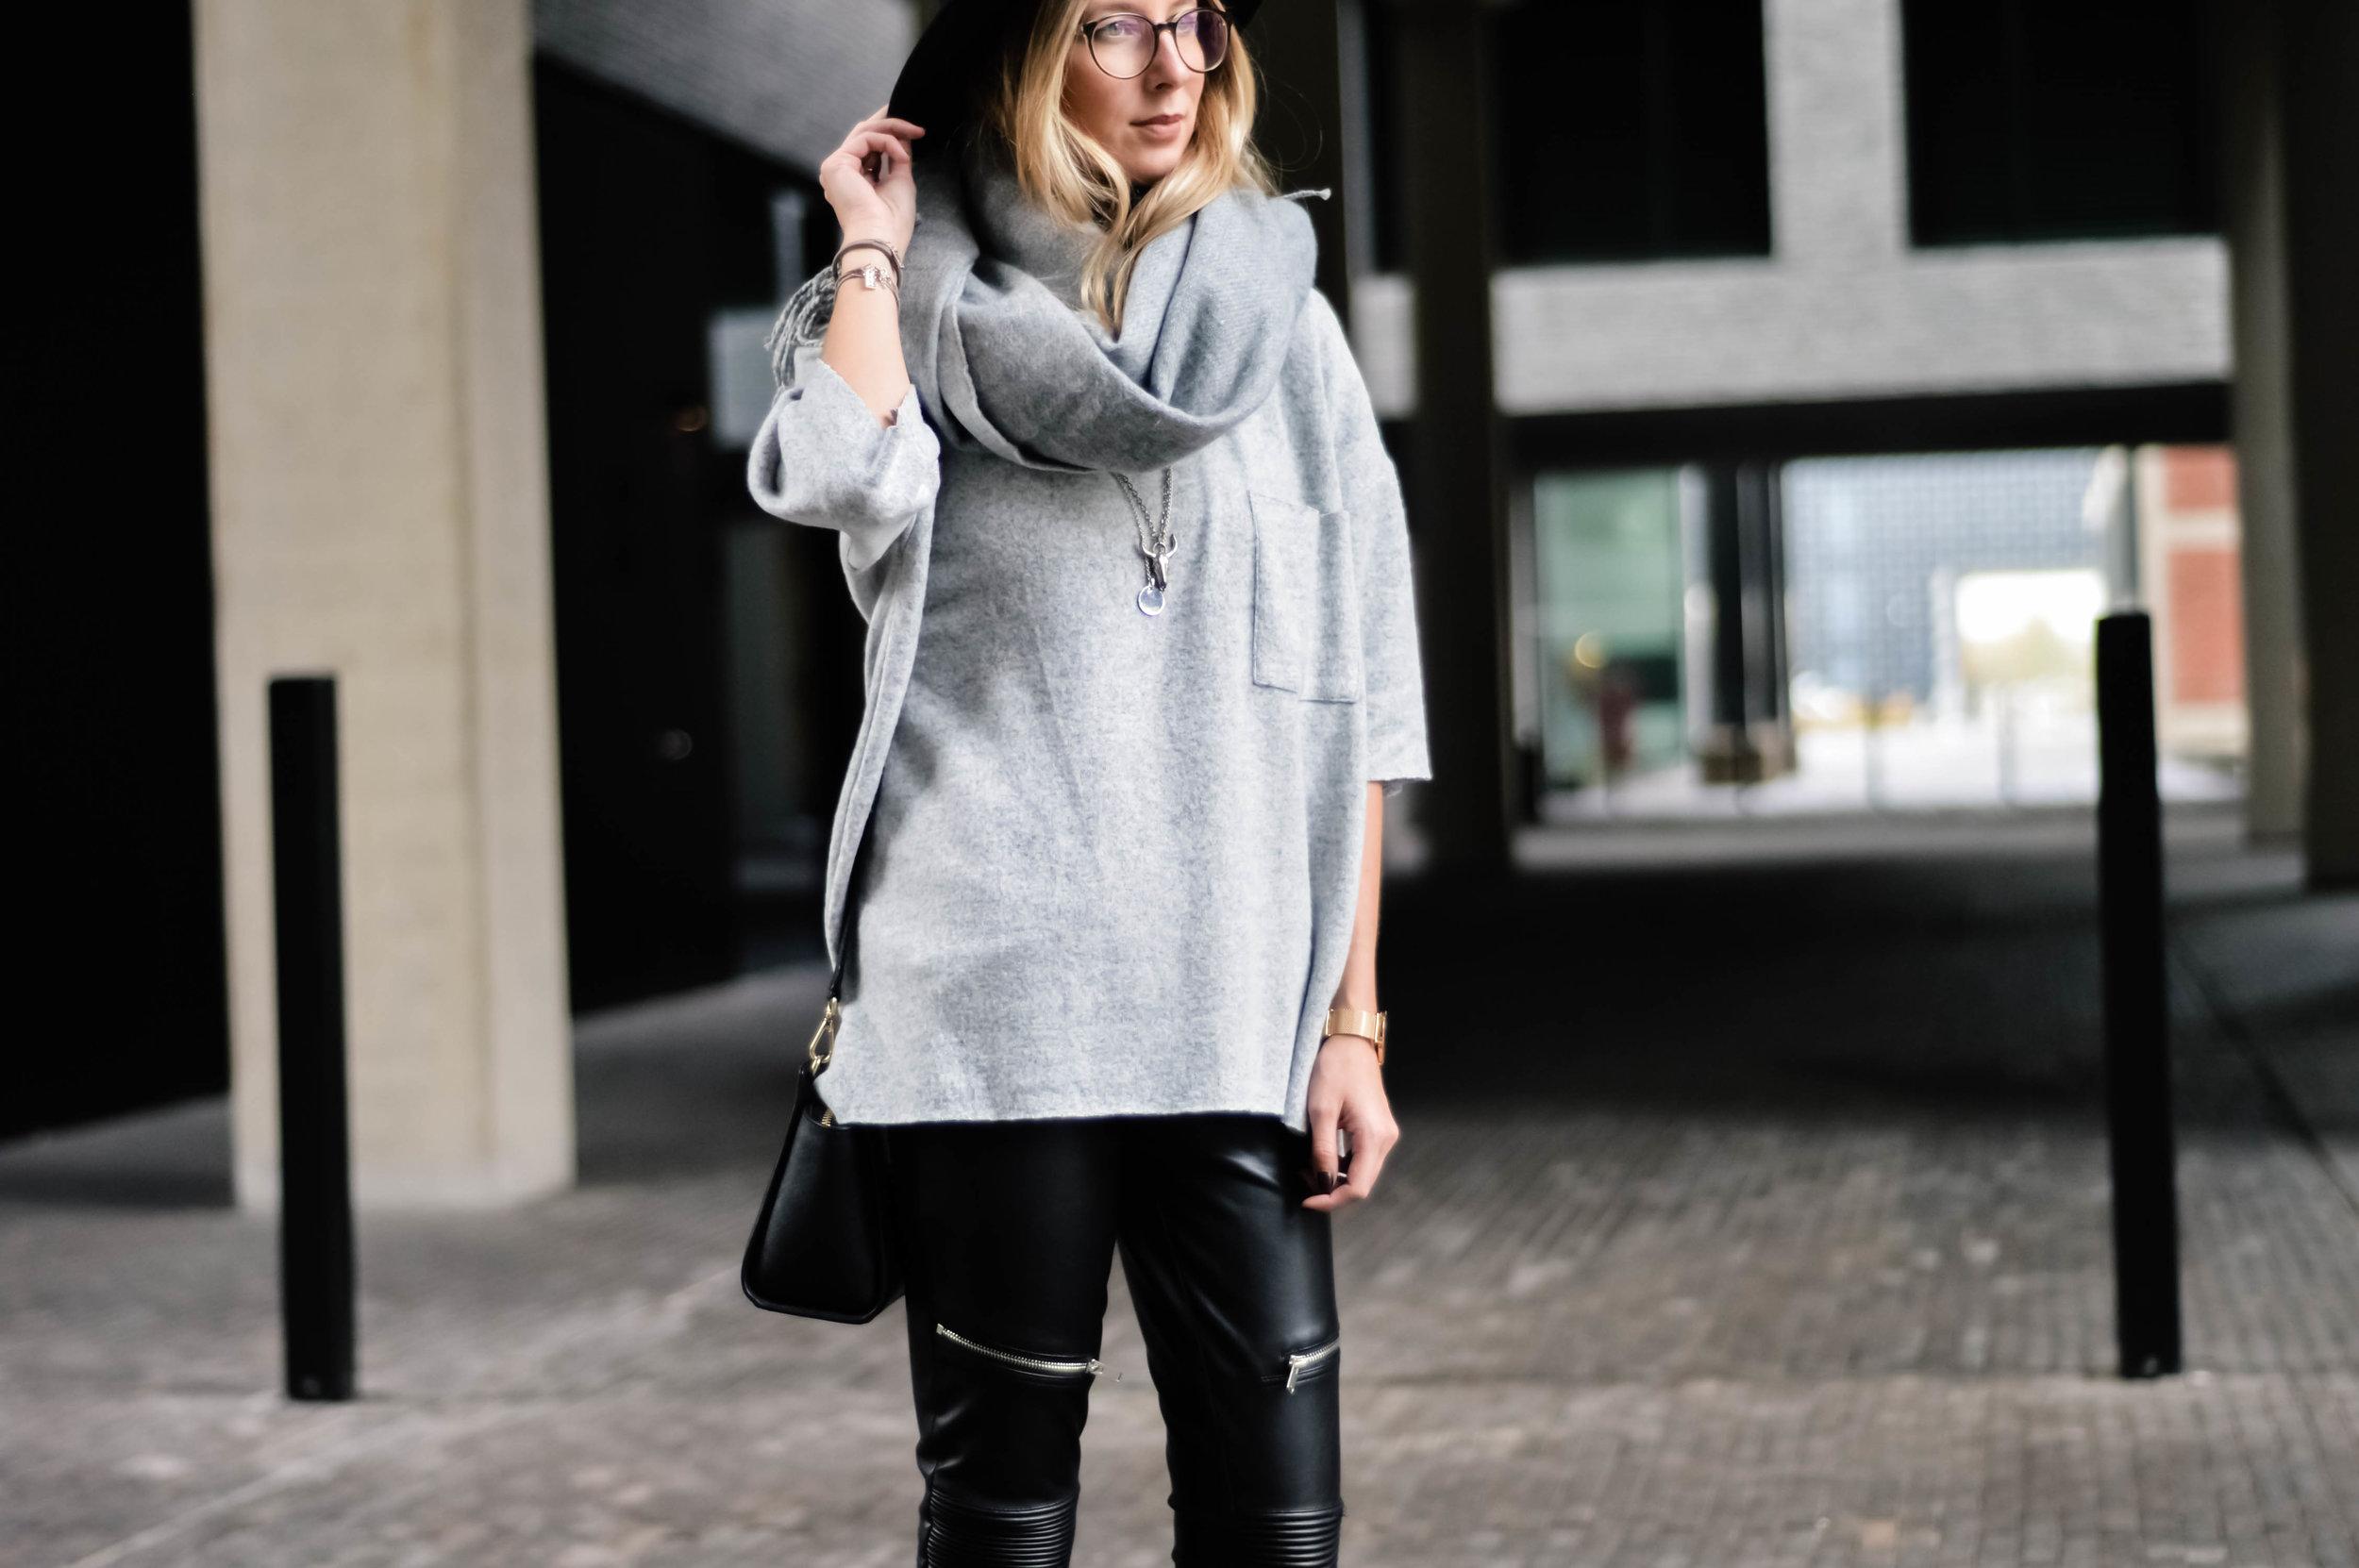 Weekend Style - OSIARAH.COM (8 of 12).jpg